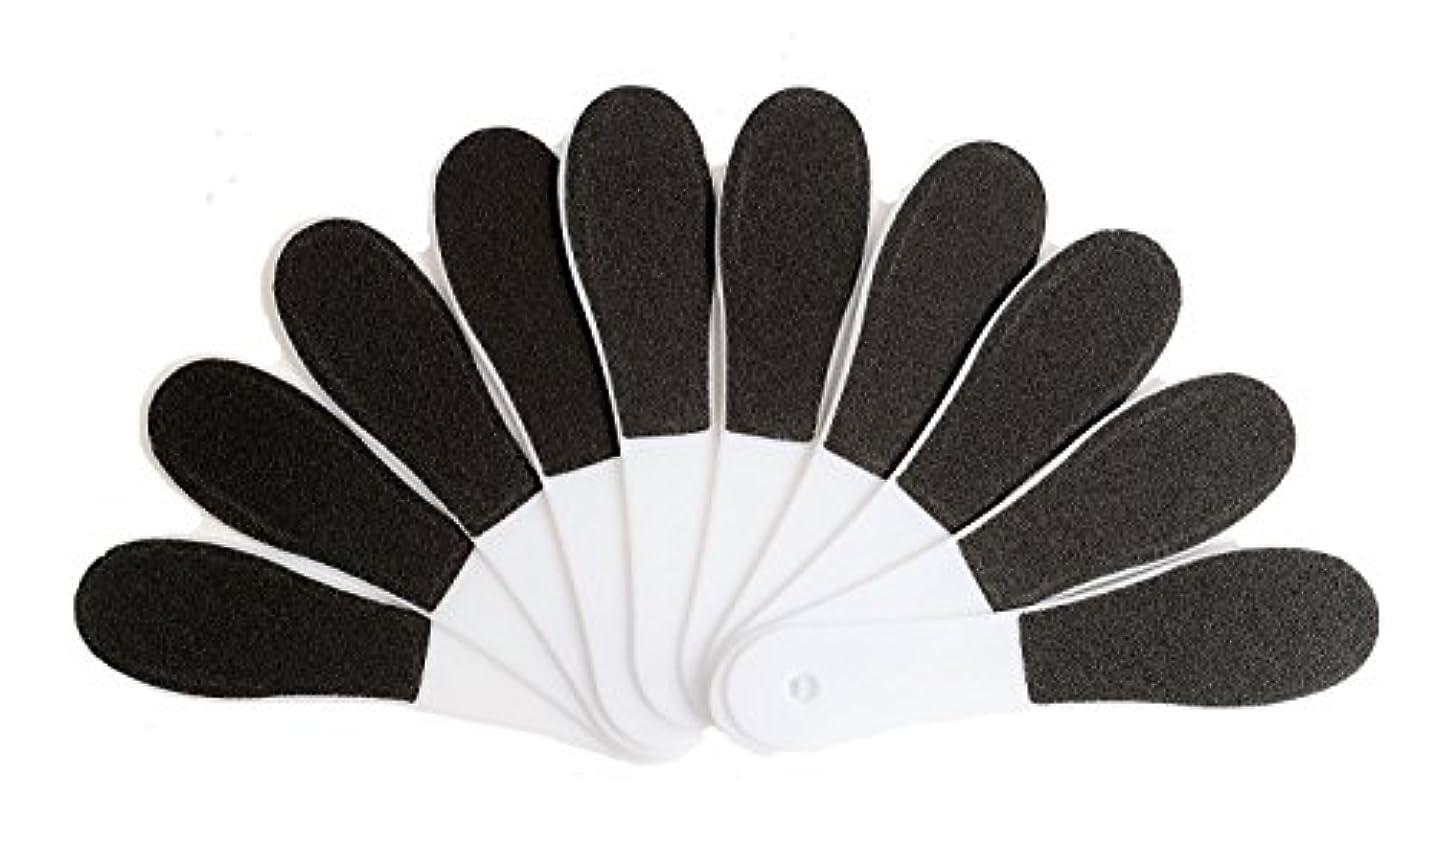 上級バブルアデレード(ADOSSY) プロ仕様 角質除去 フット用品 角質削り 10本 セット かかと 魚の目 ケア 足裏 フットケア 足底 つるつる なめらか すべすべ